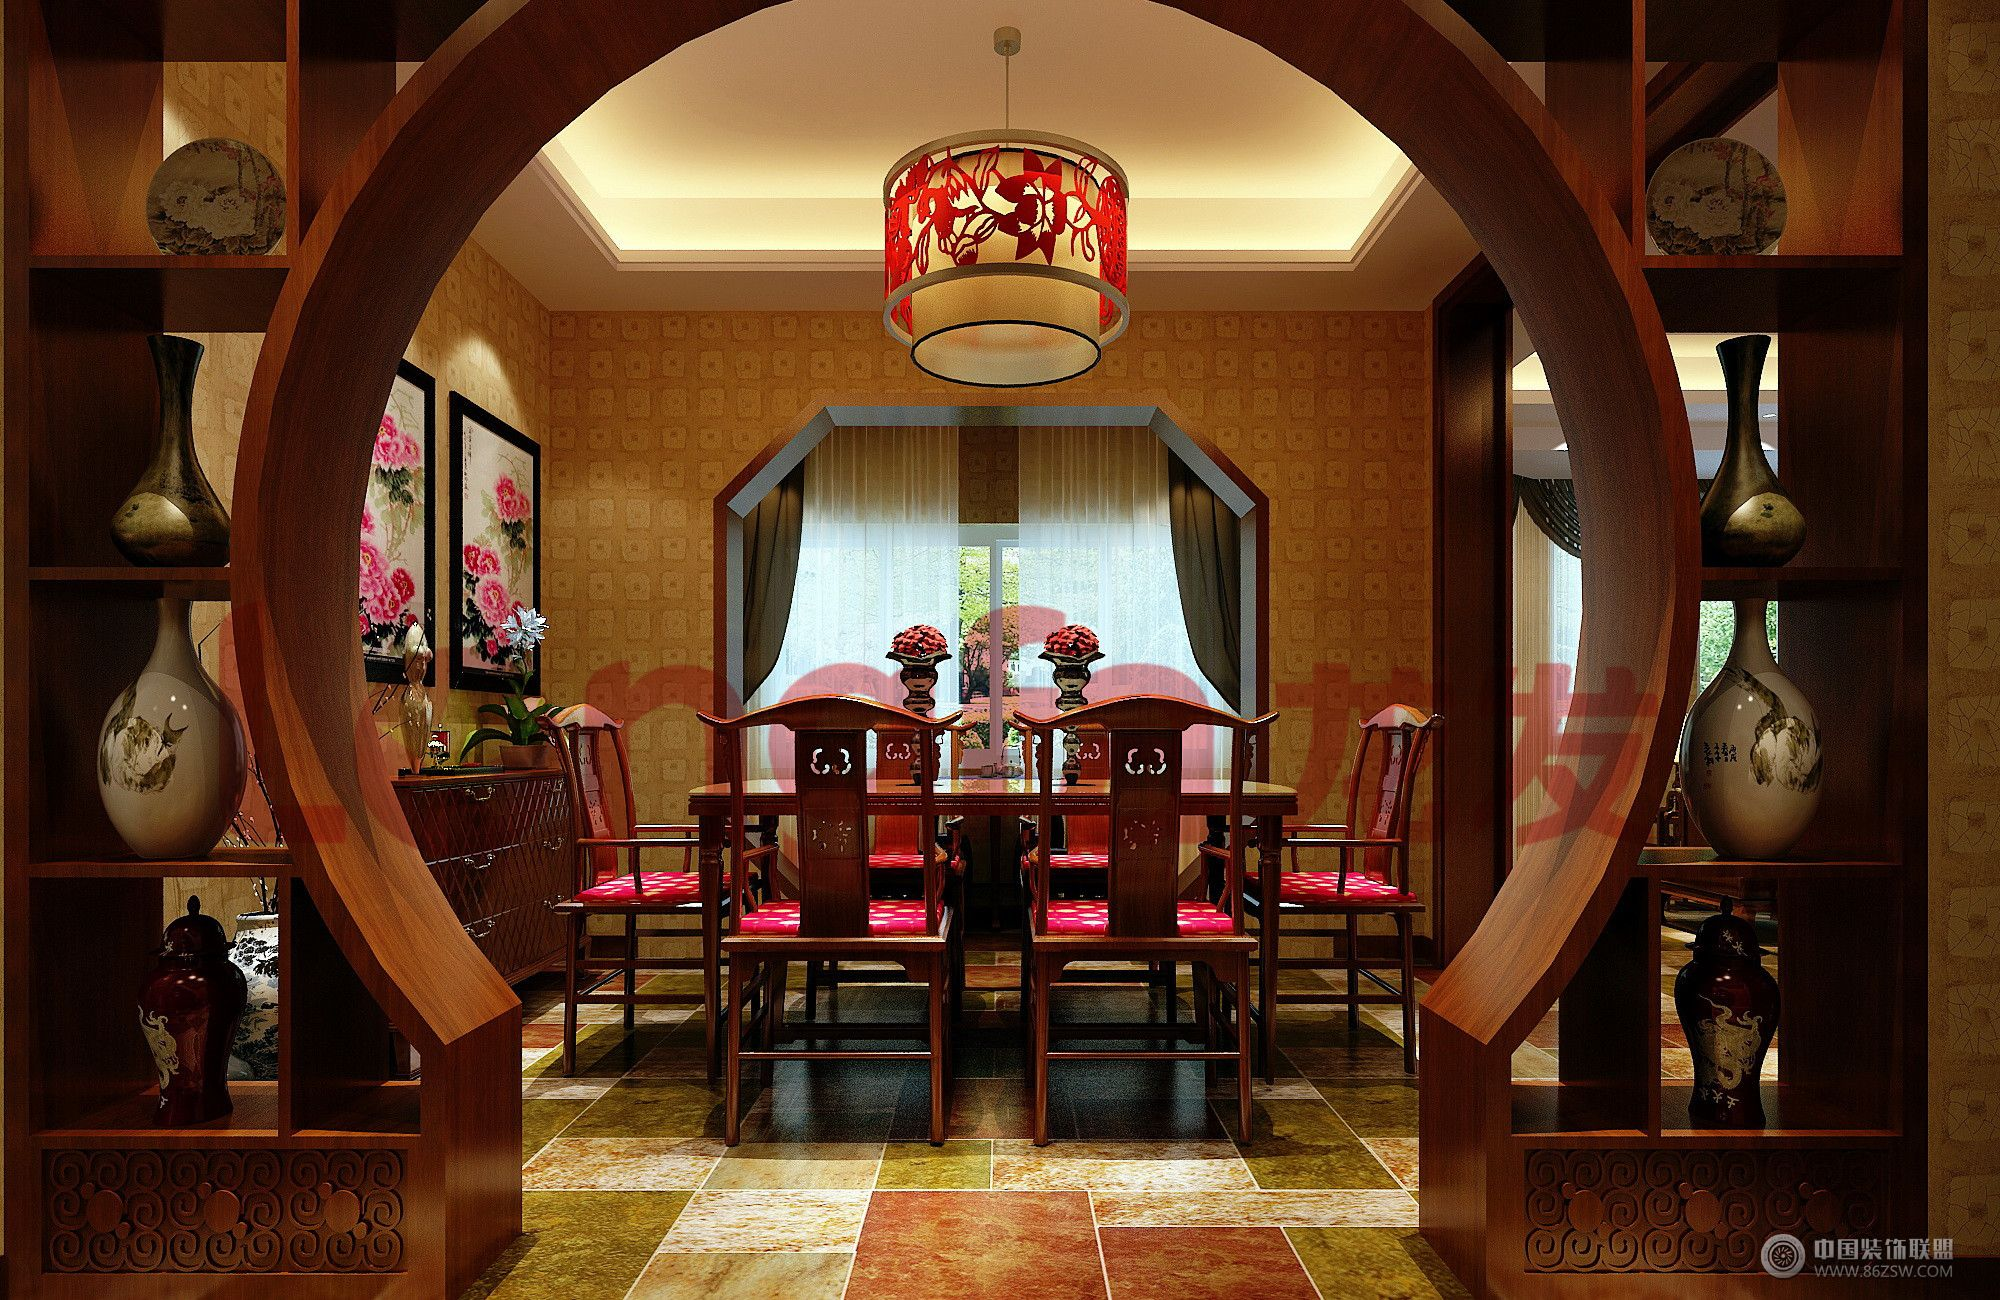 龙发装饰别墅中式案例-客厅装修图片